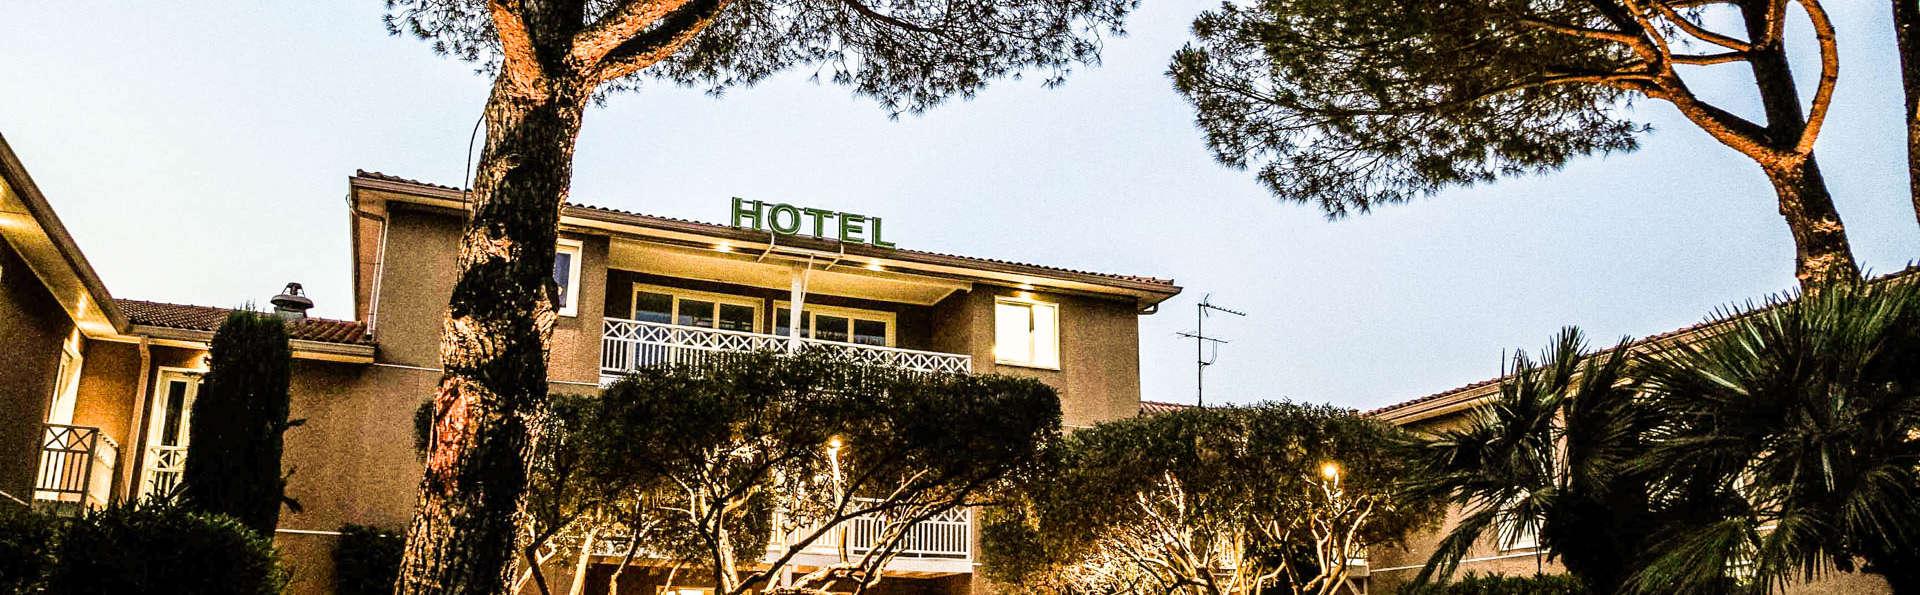 Best Western Plus Hyeres Cote d'Azur - EDIT_Exterior-2.jpg